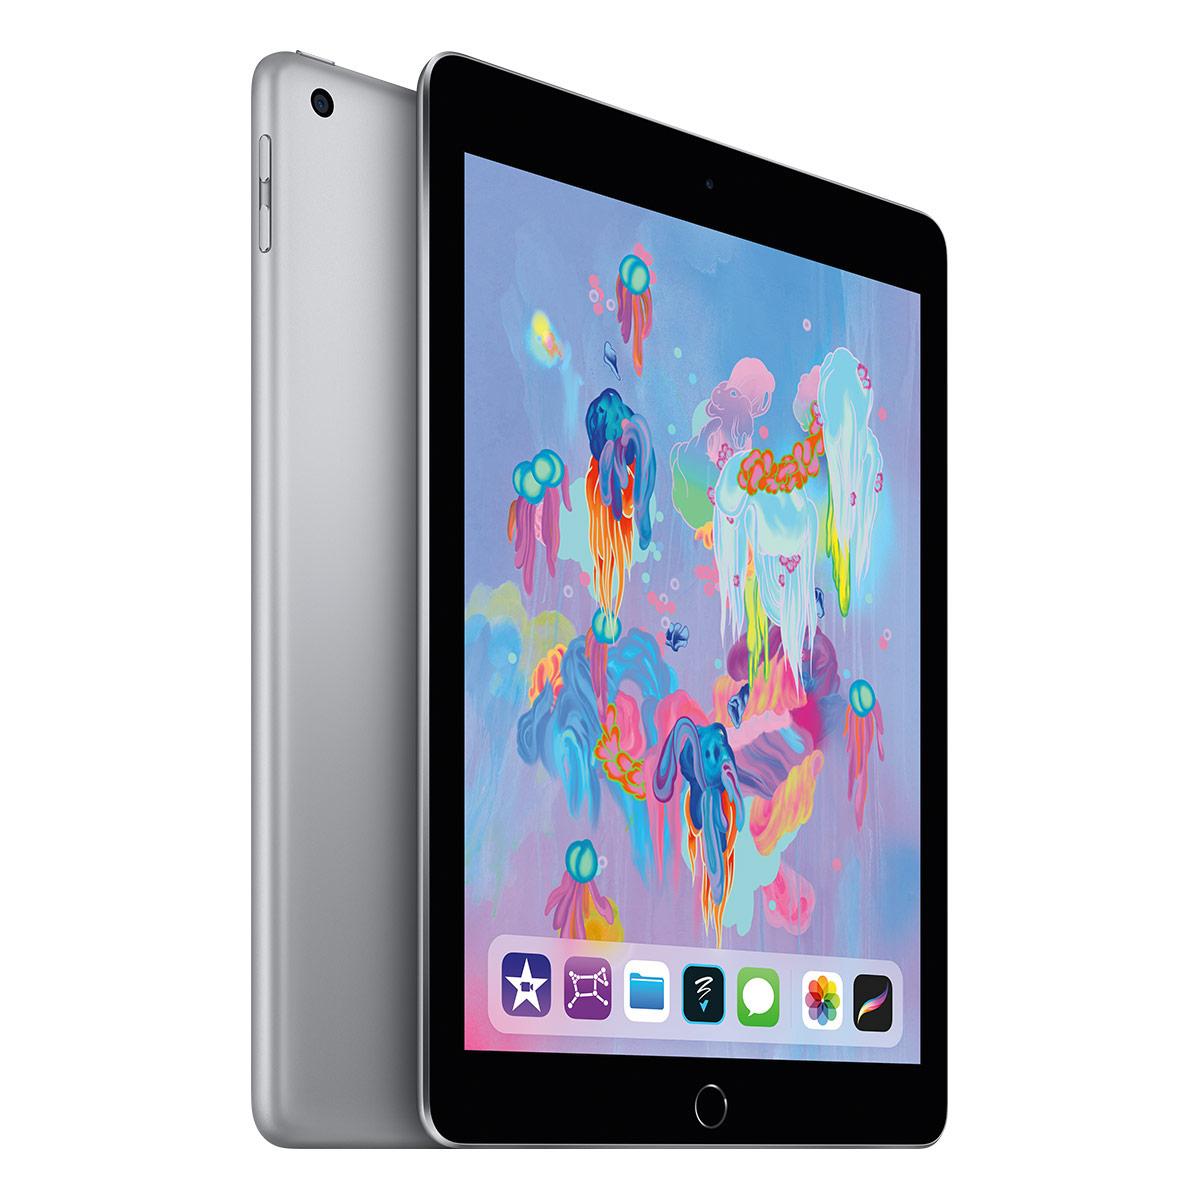 Apple iPad 128GB WiFi - Space Grey